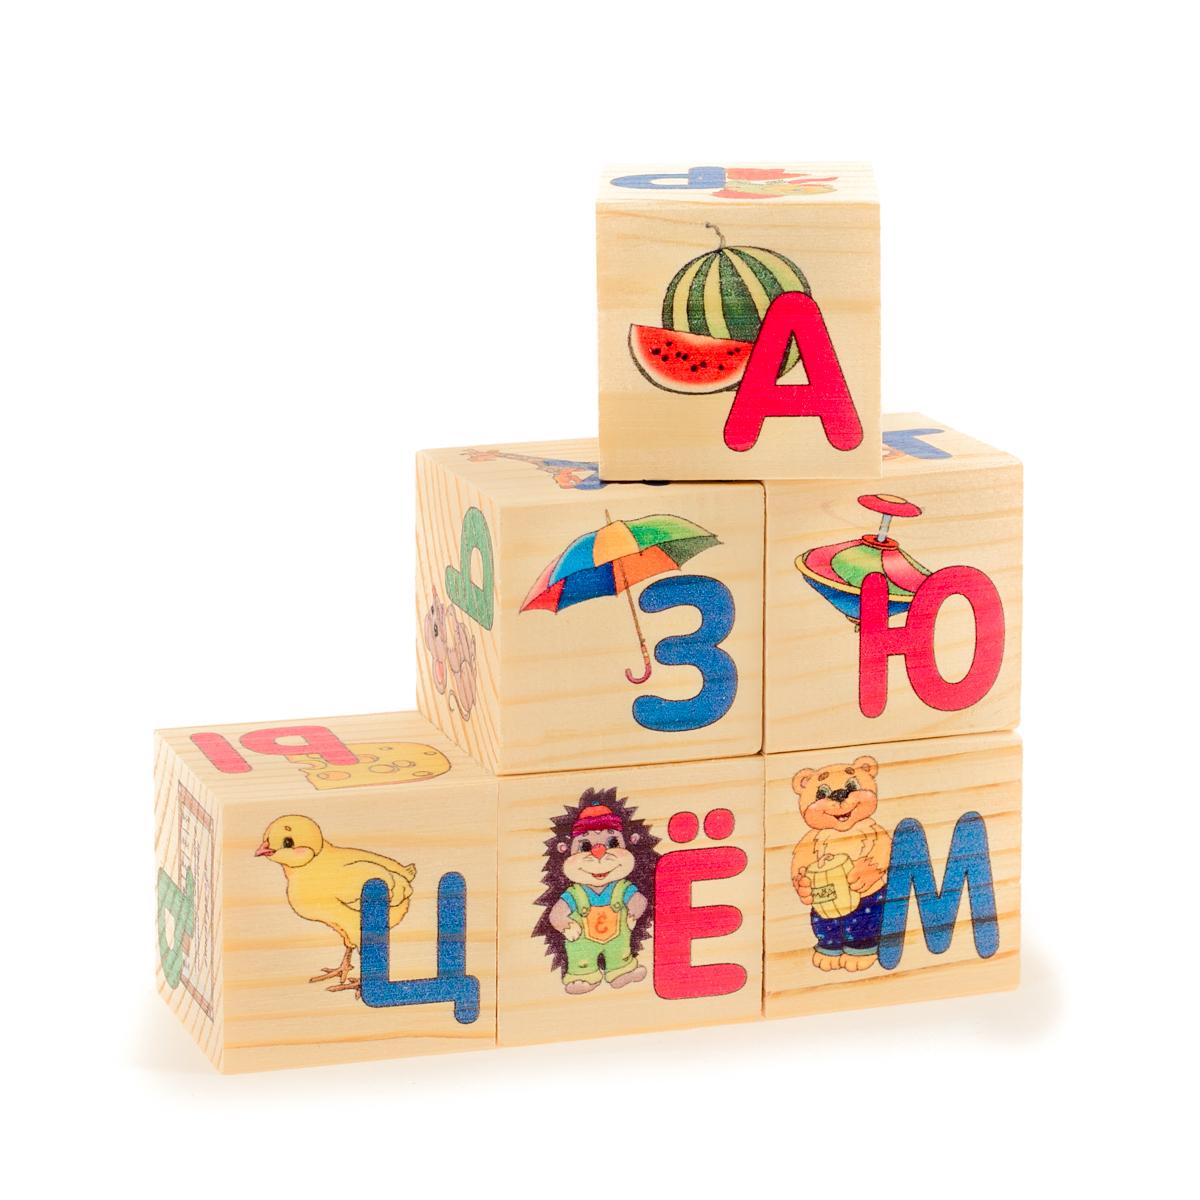 комплексом картинка что похоже на кубиках главным видом использования